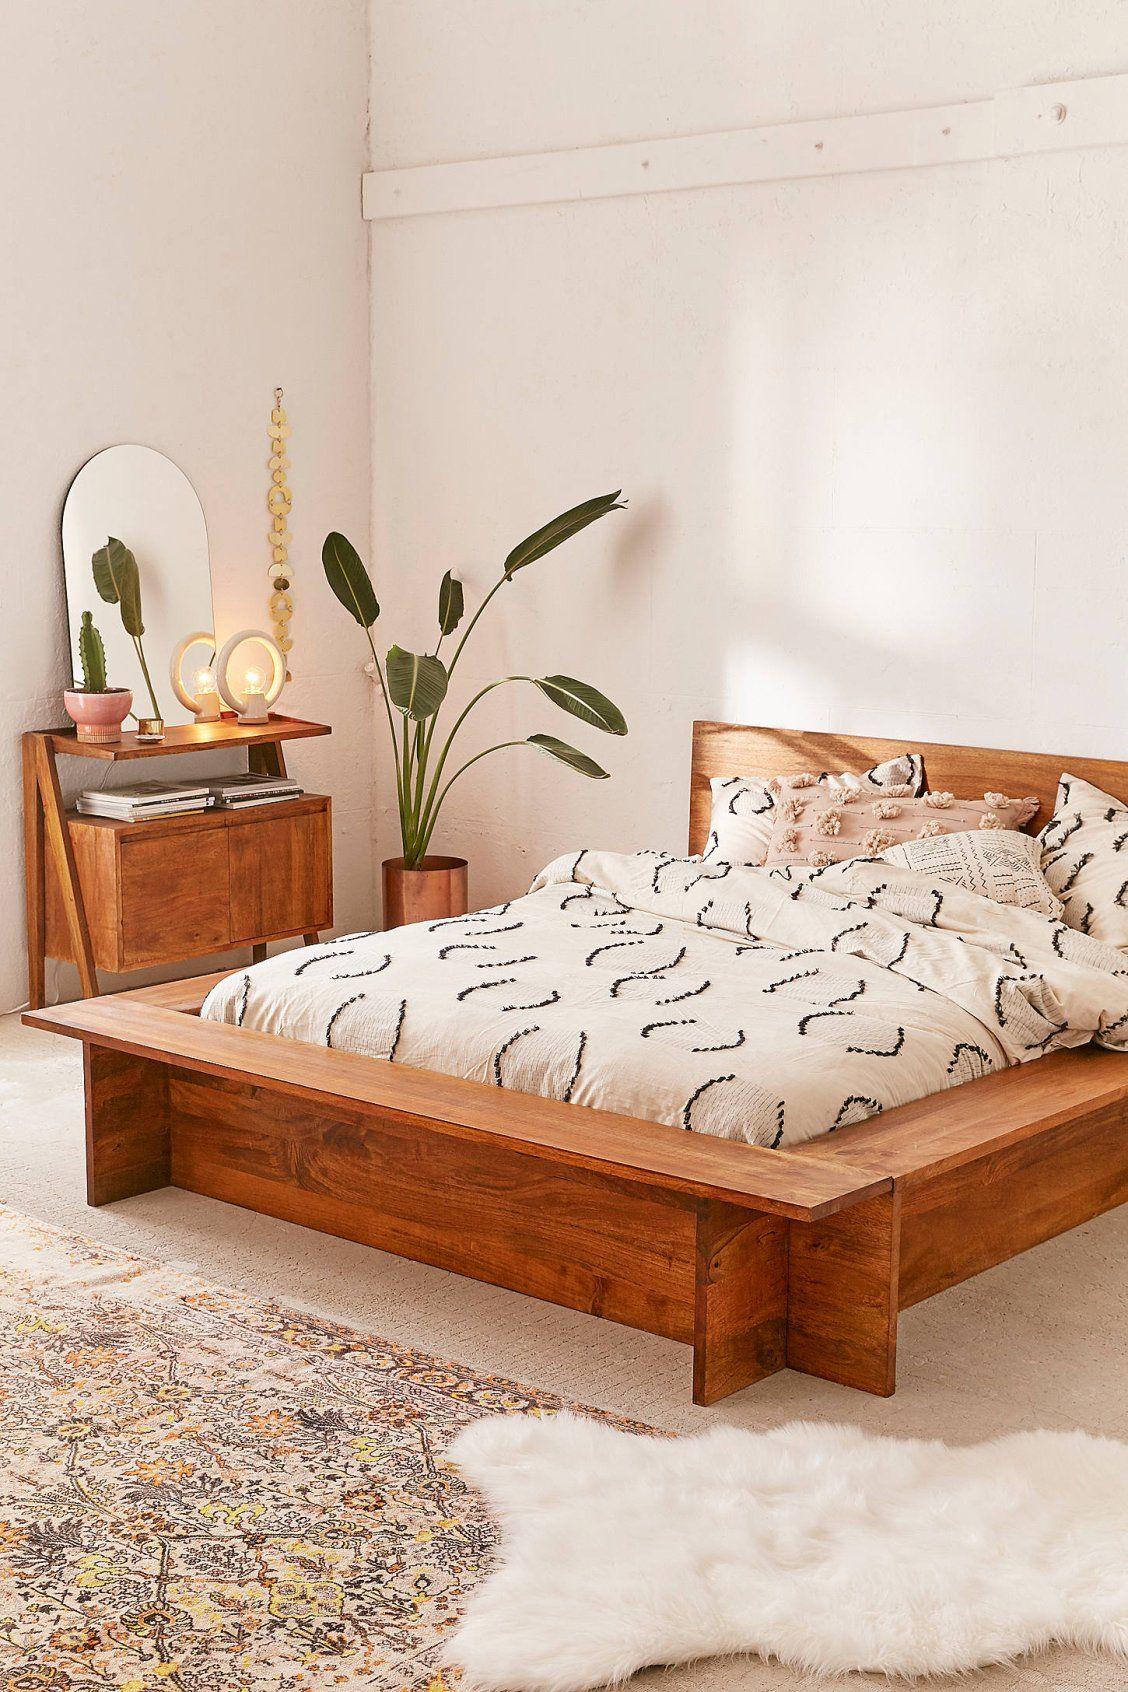 Modern Boho Platform Bed Frame   Home decor bedroom ... on Modern Boho Bed Frame  id=47153